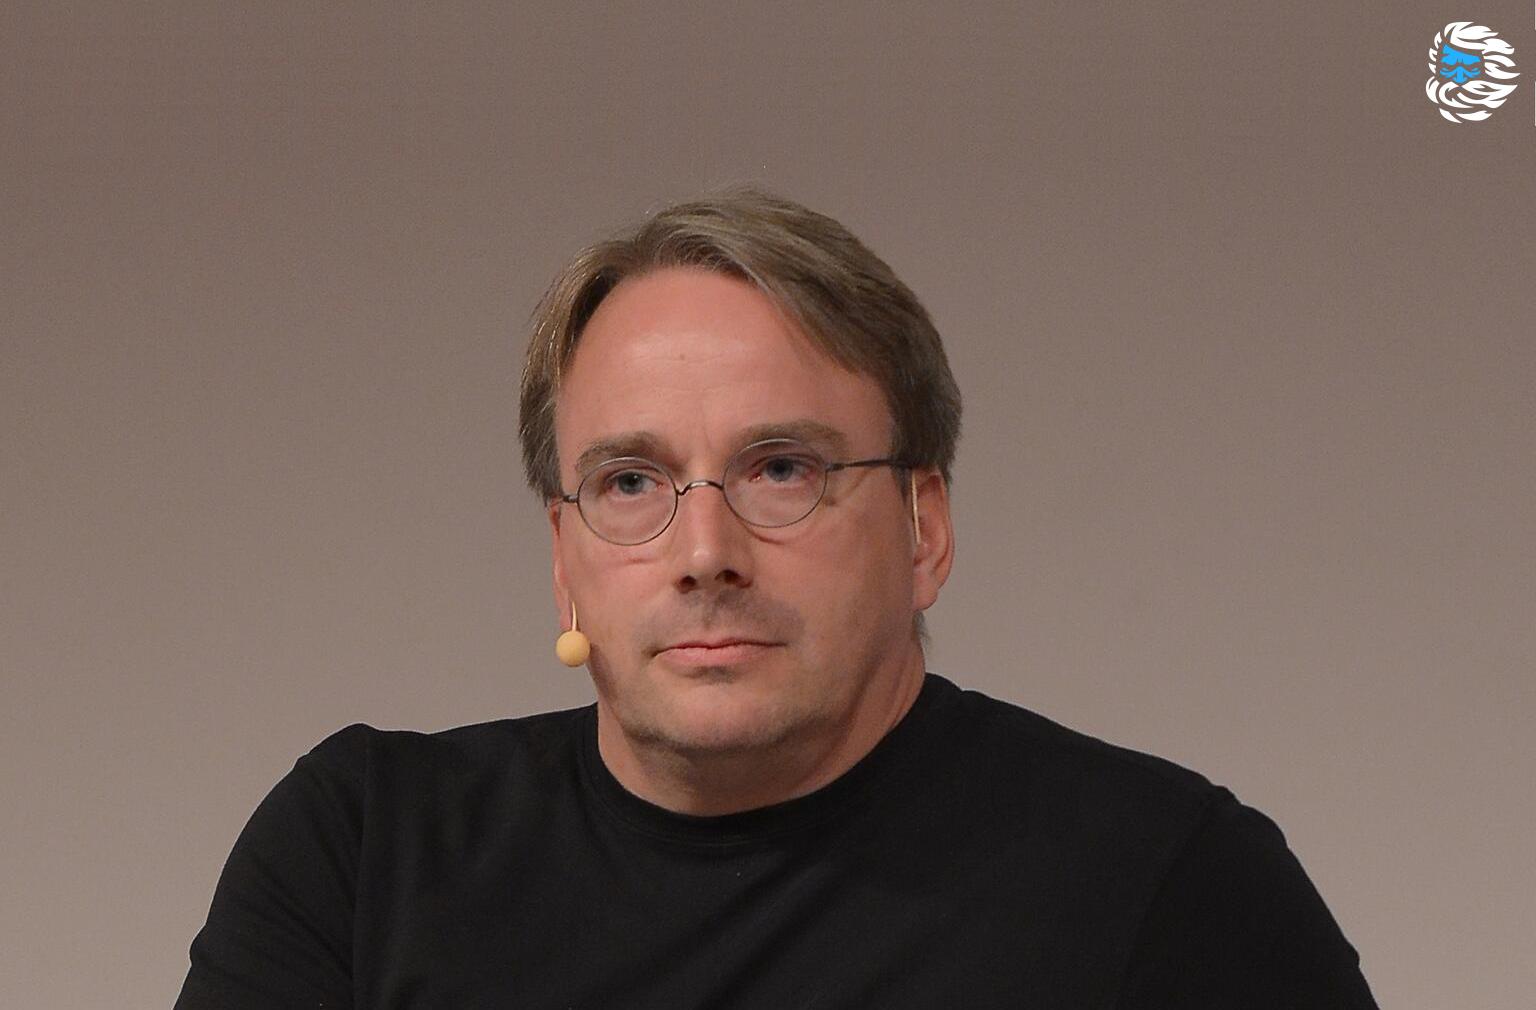 30 лет Линукса. Интервью с Линусом Торвальдсом. Часть 1 - 1